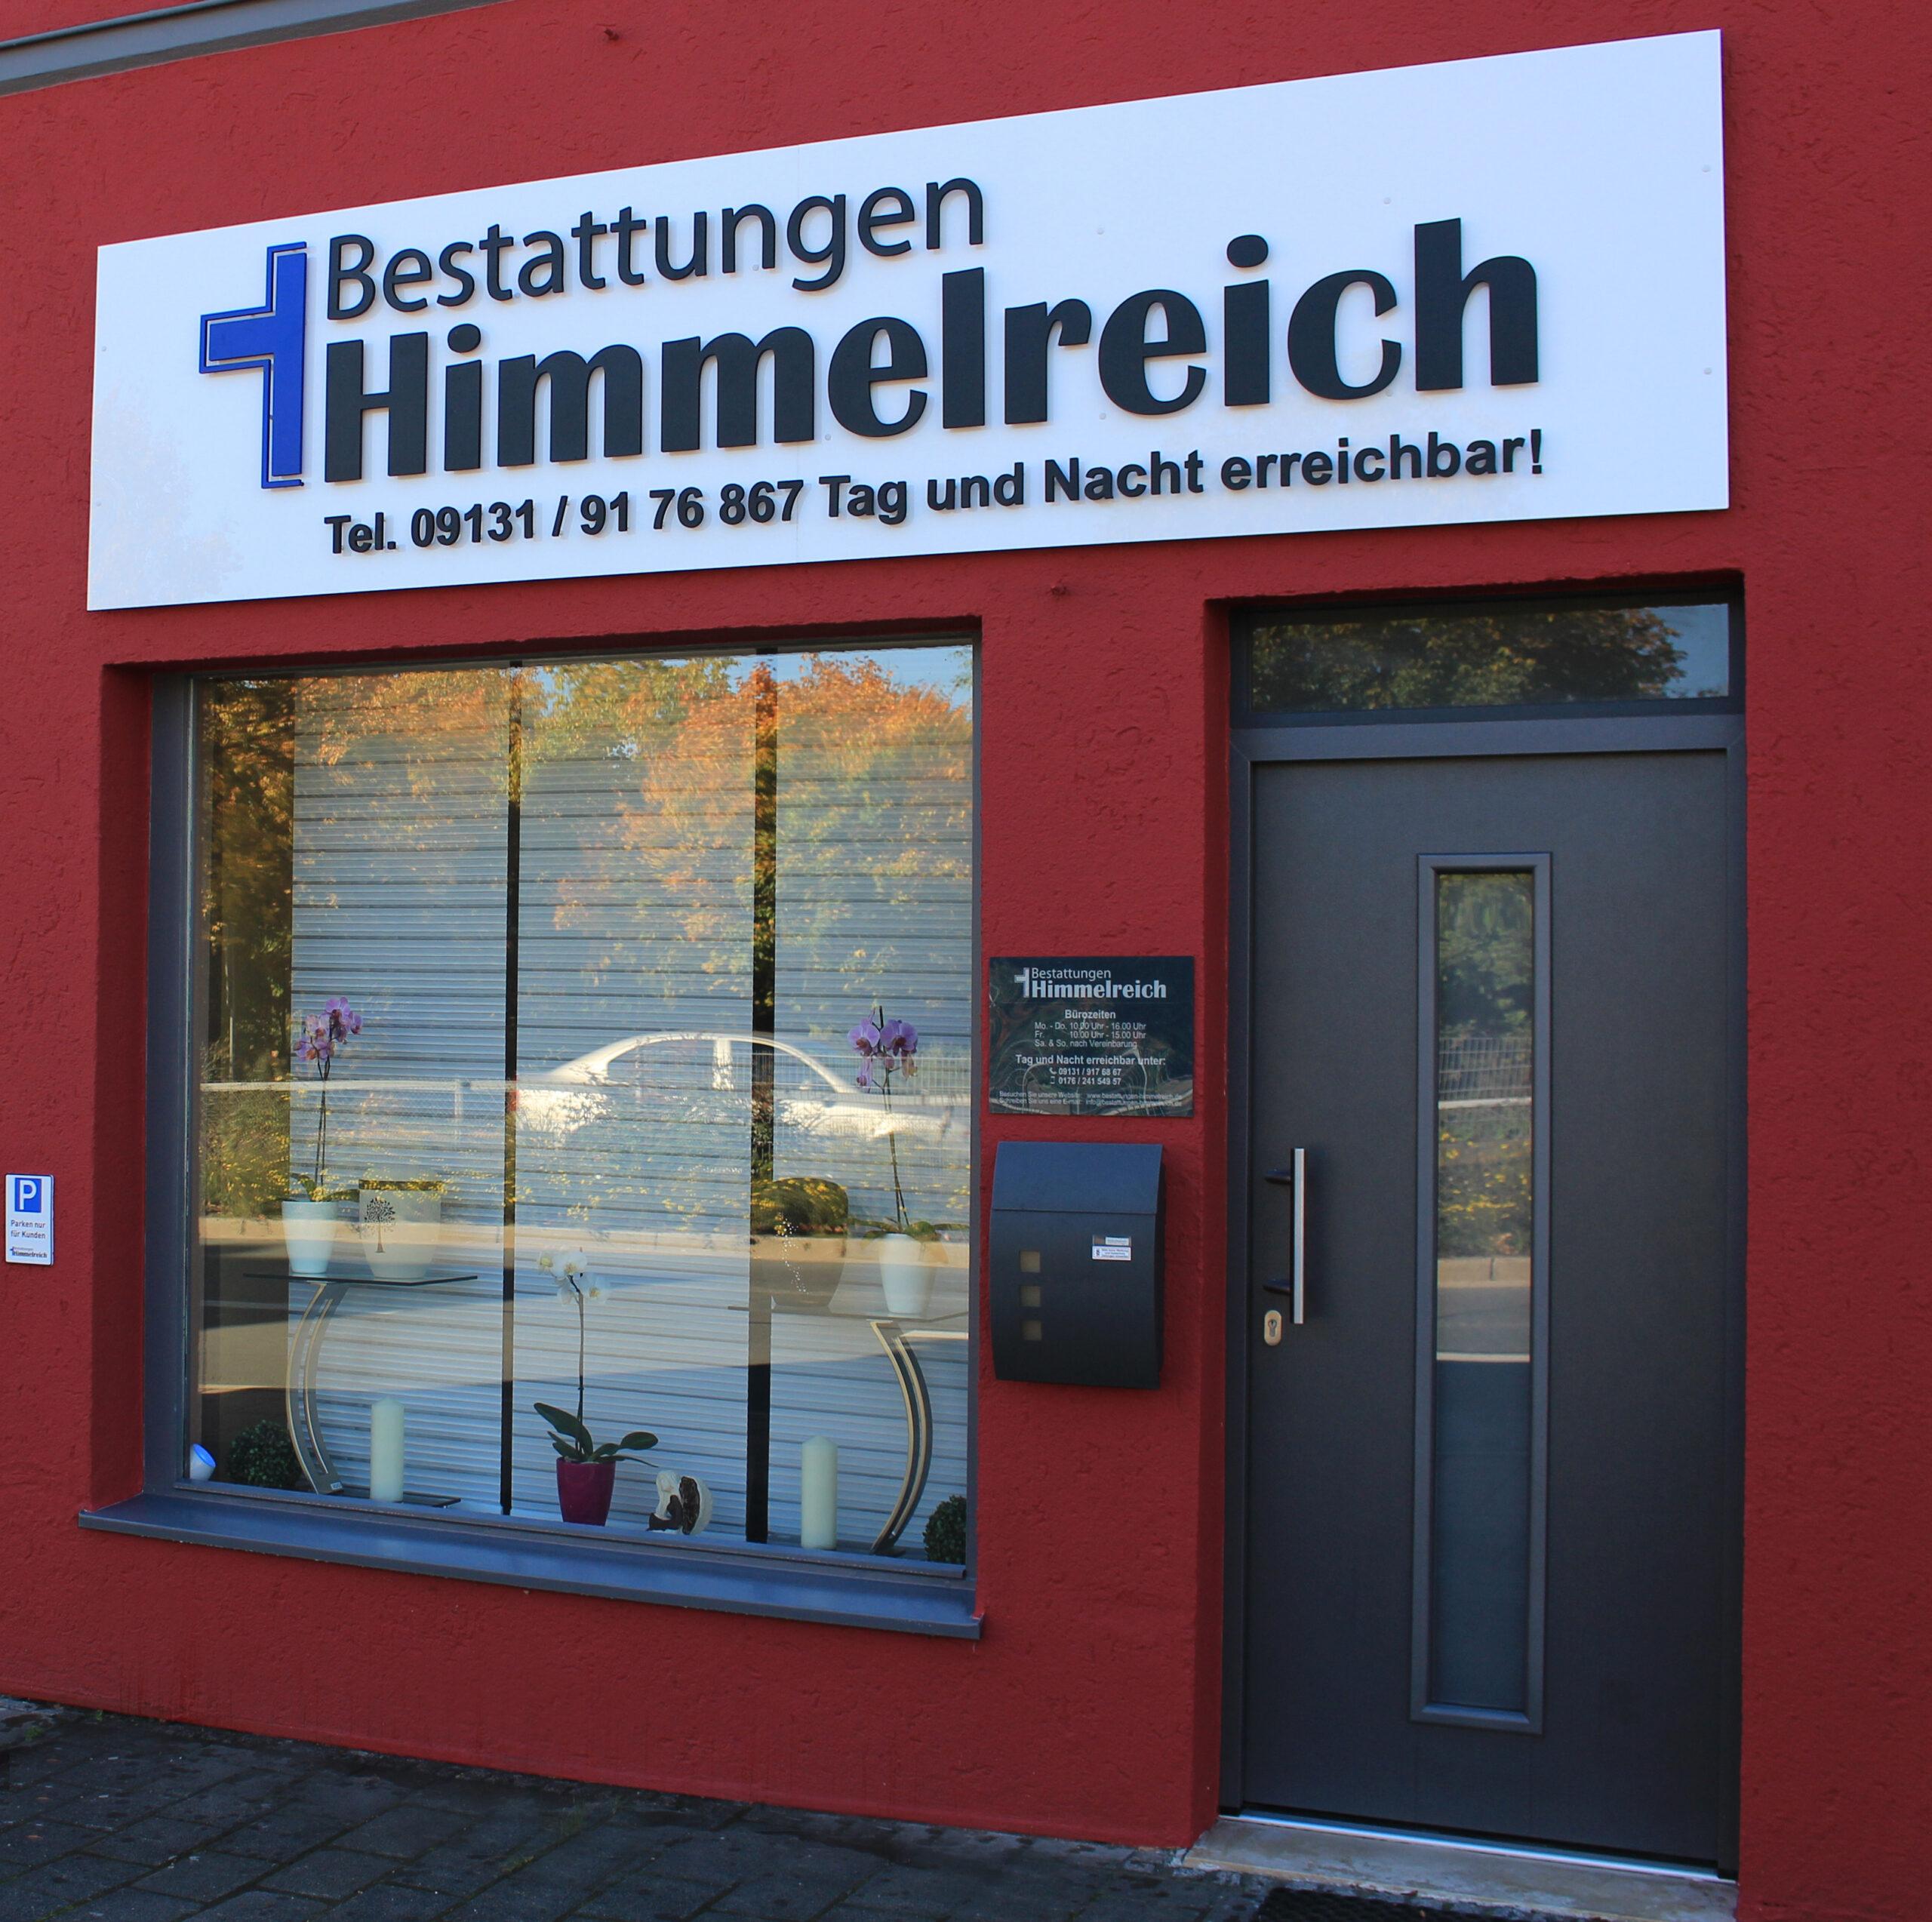 Bestattungen Himmelreich